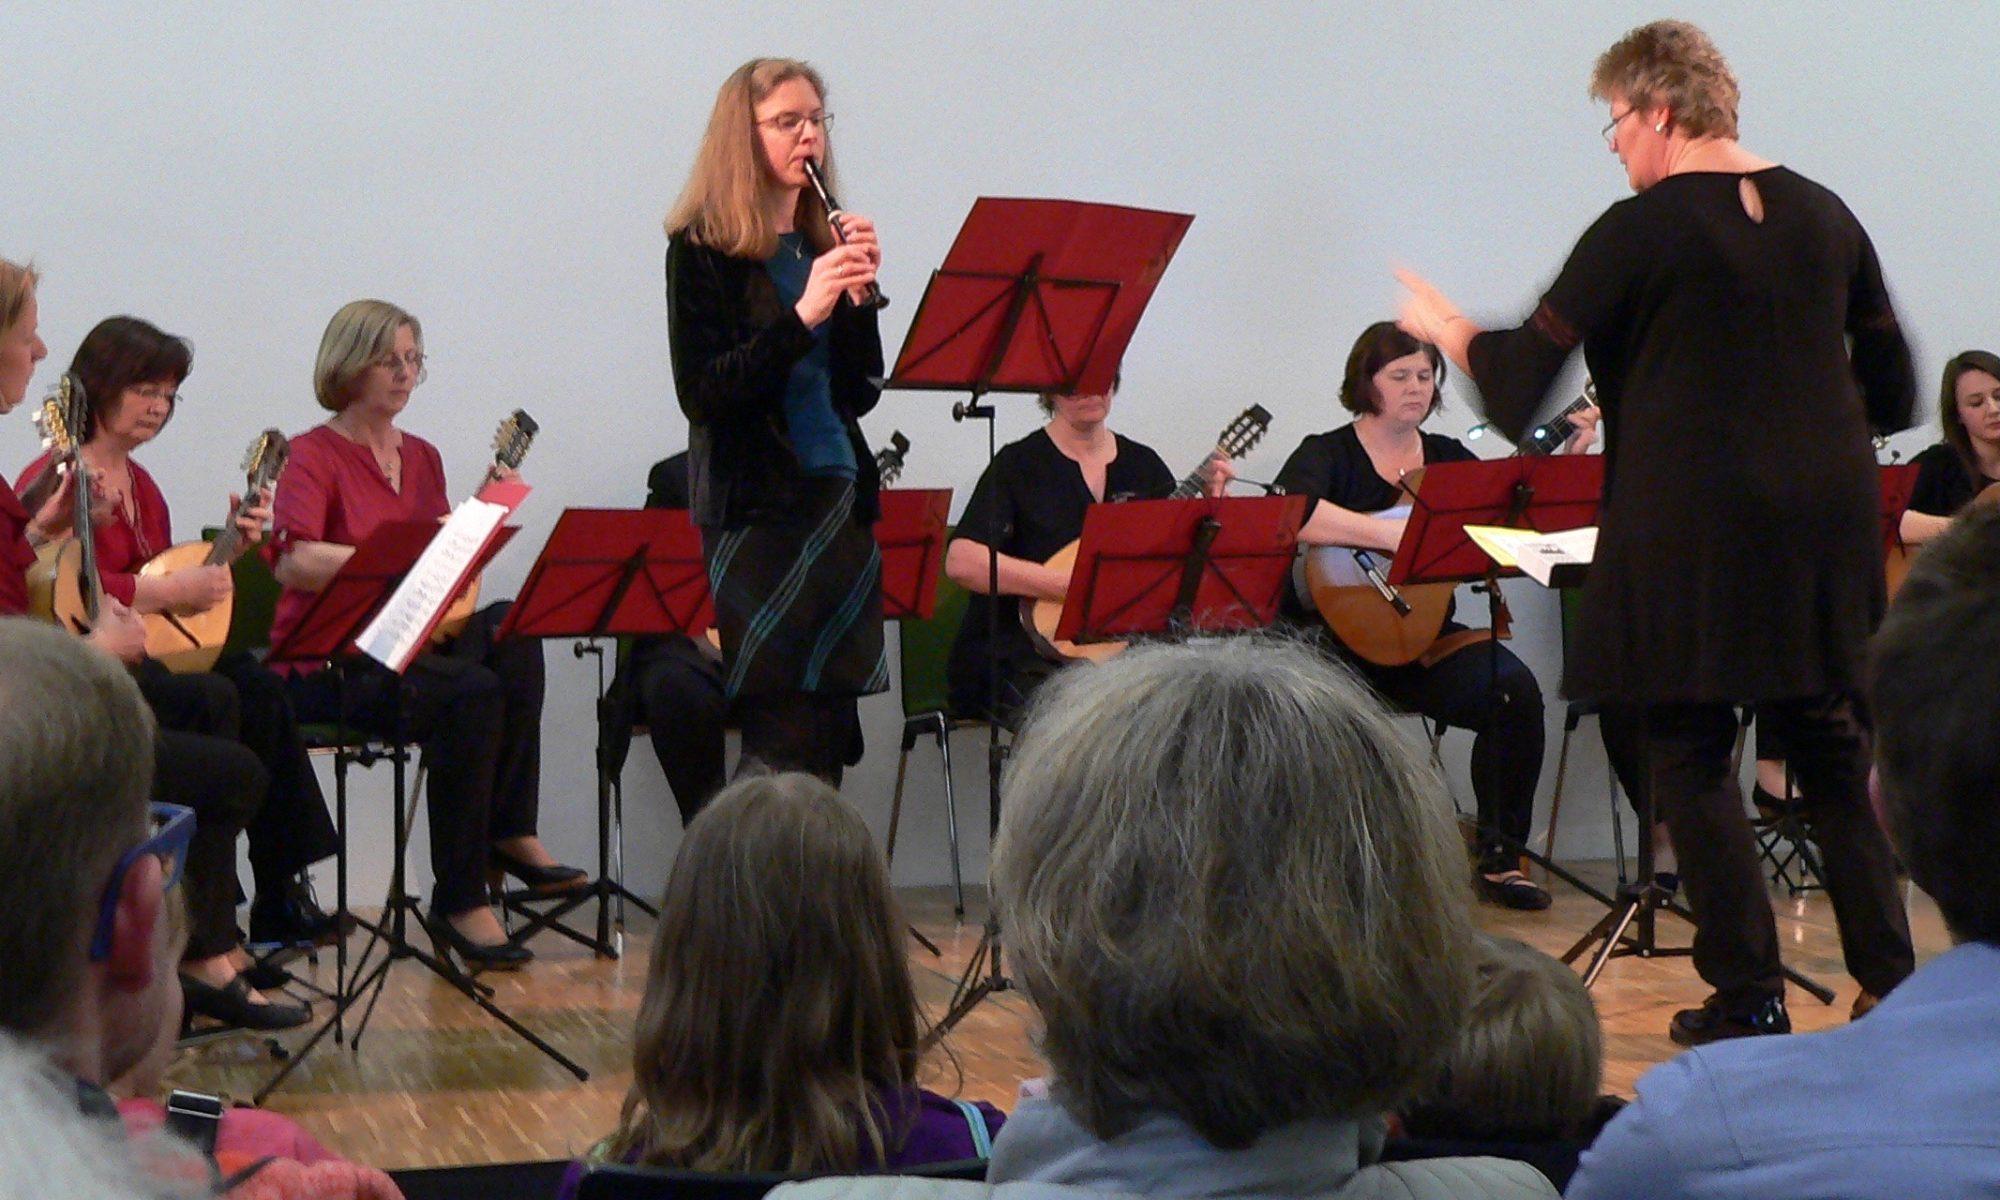 Auftritt des Zupf-Ensembles Lohr am 28. April 2018 | Fotos © B. Schneider